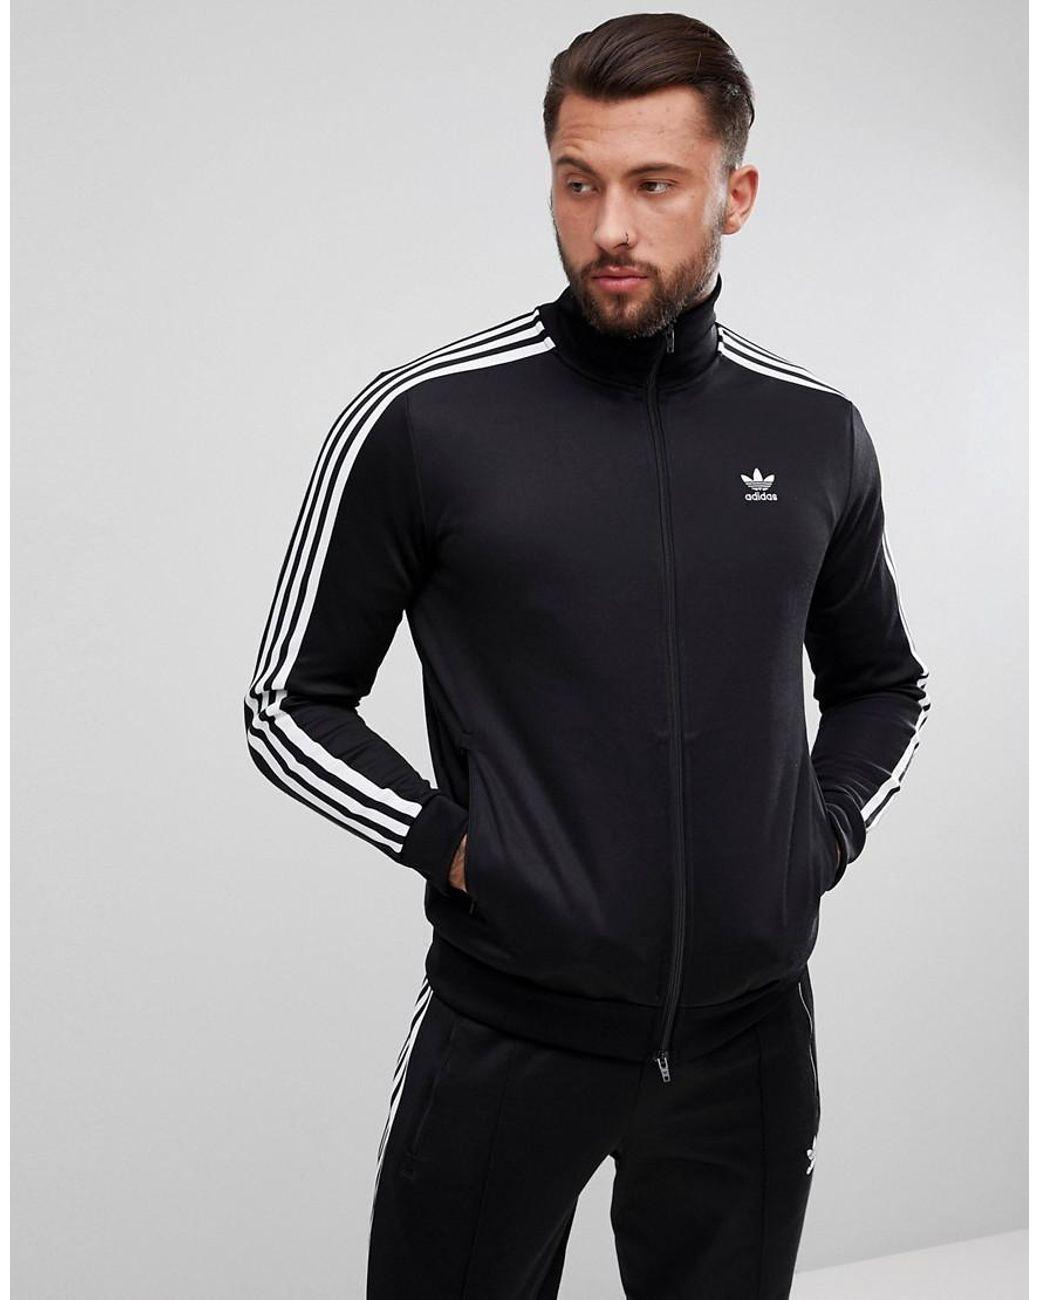 Adidas Originals Apparel Lightweight Running Windbreaker